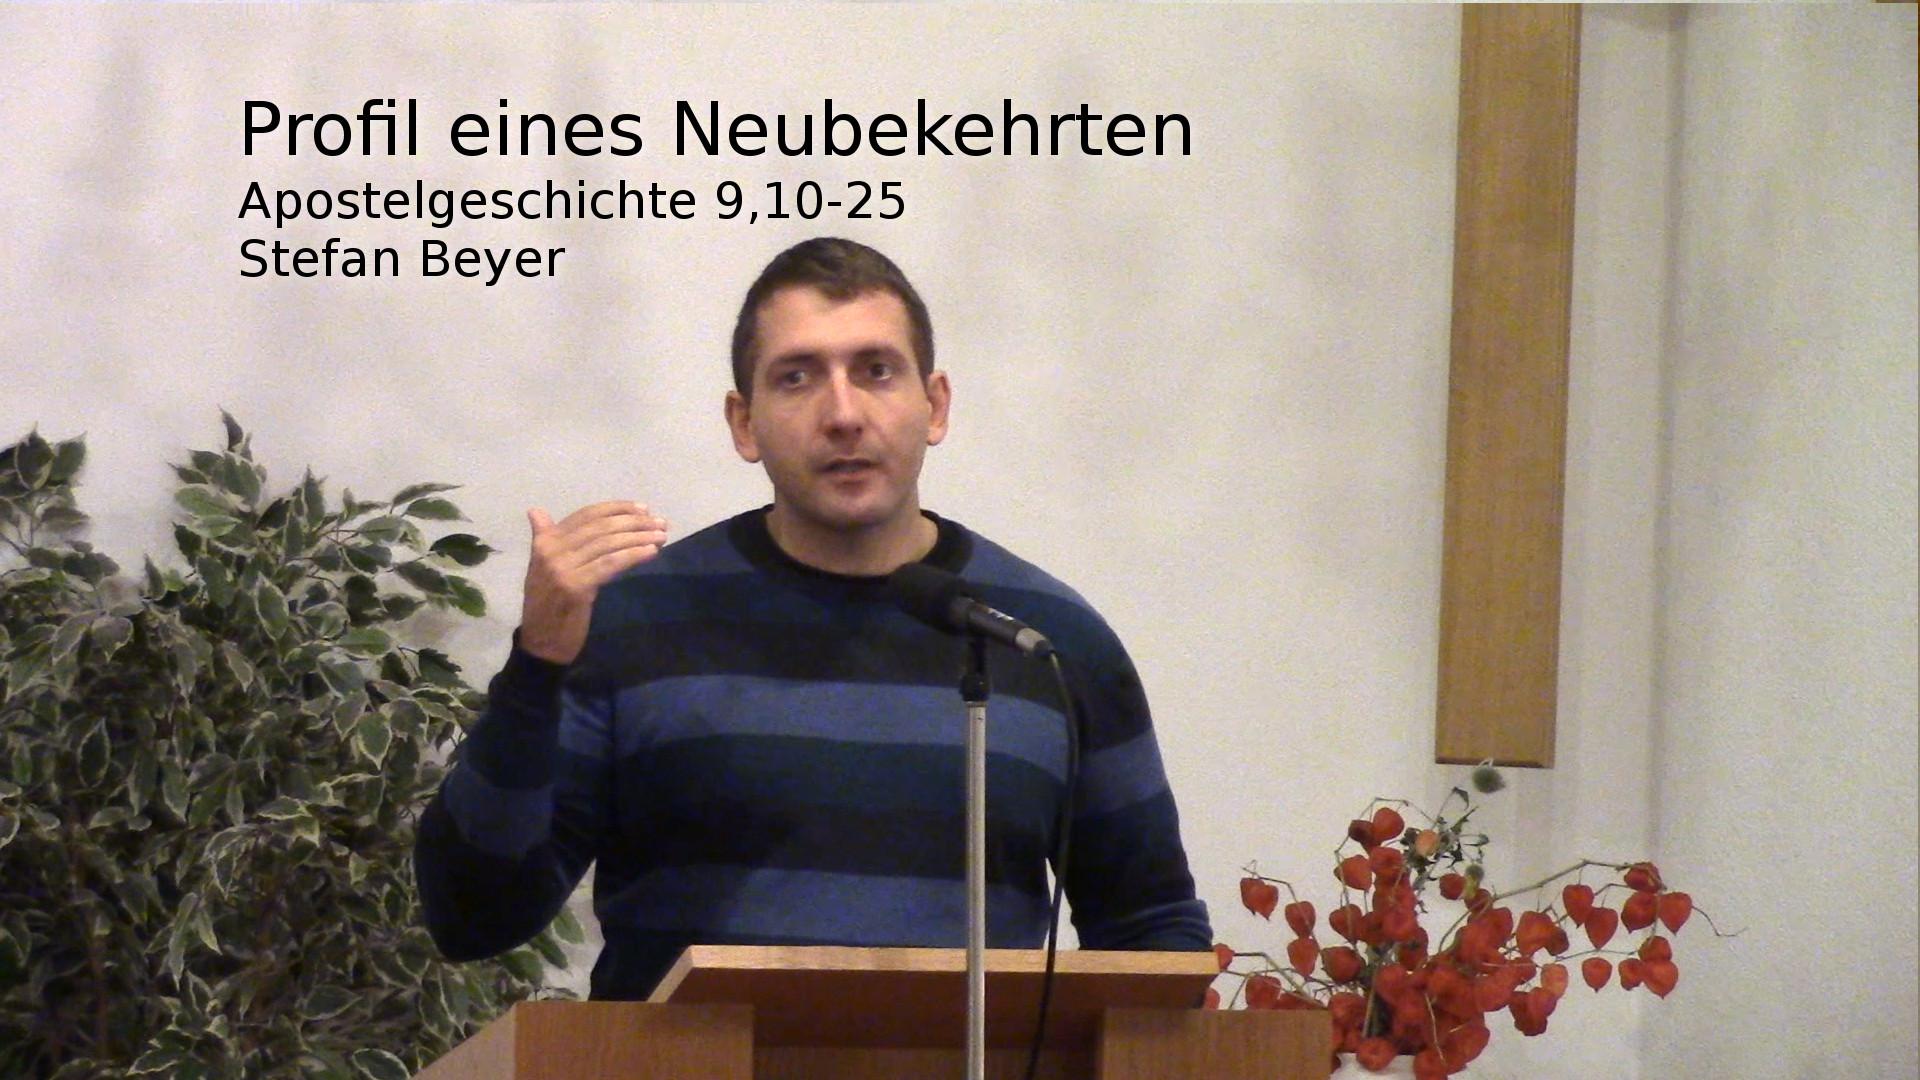 Apostelgeschichte 9,10-25 – Profil eines Neubekehrten